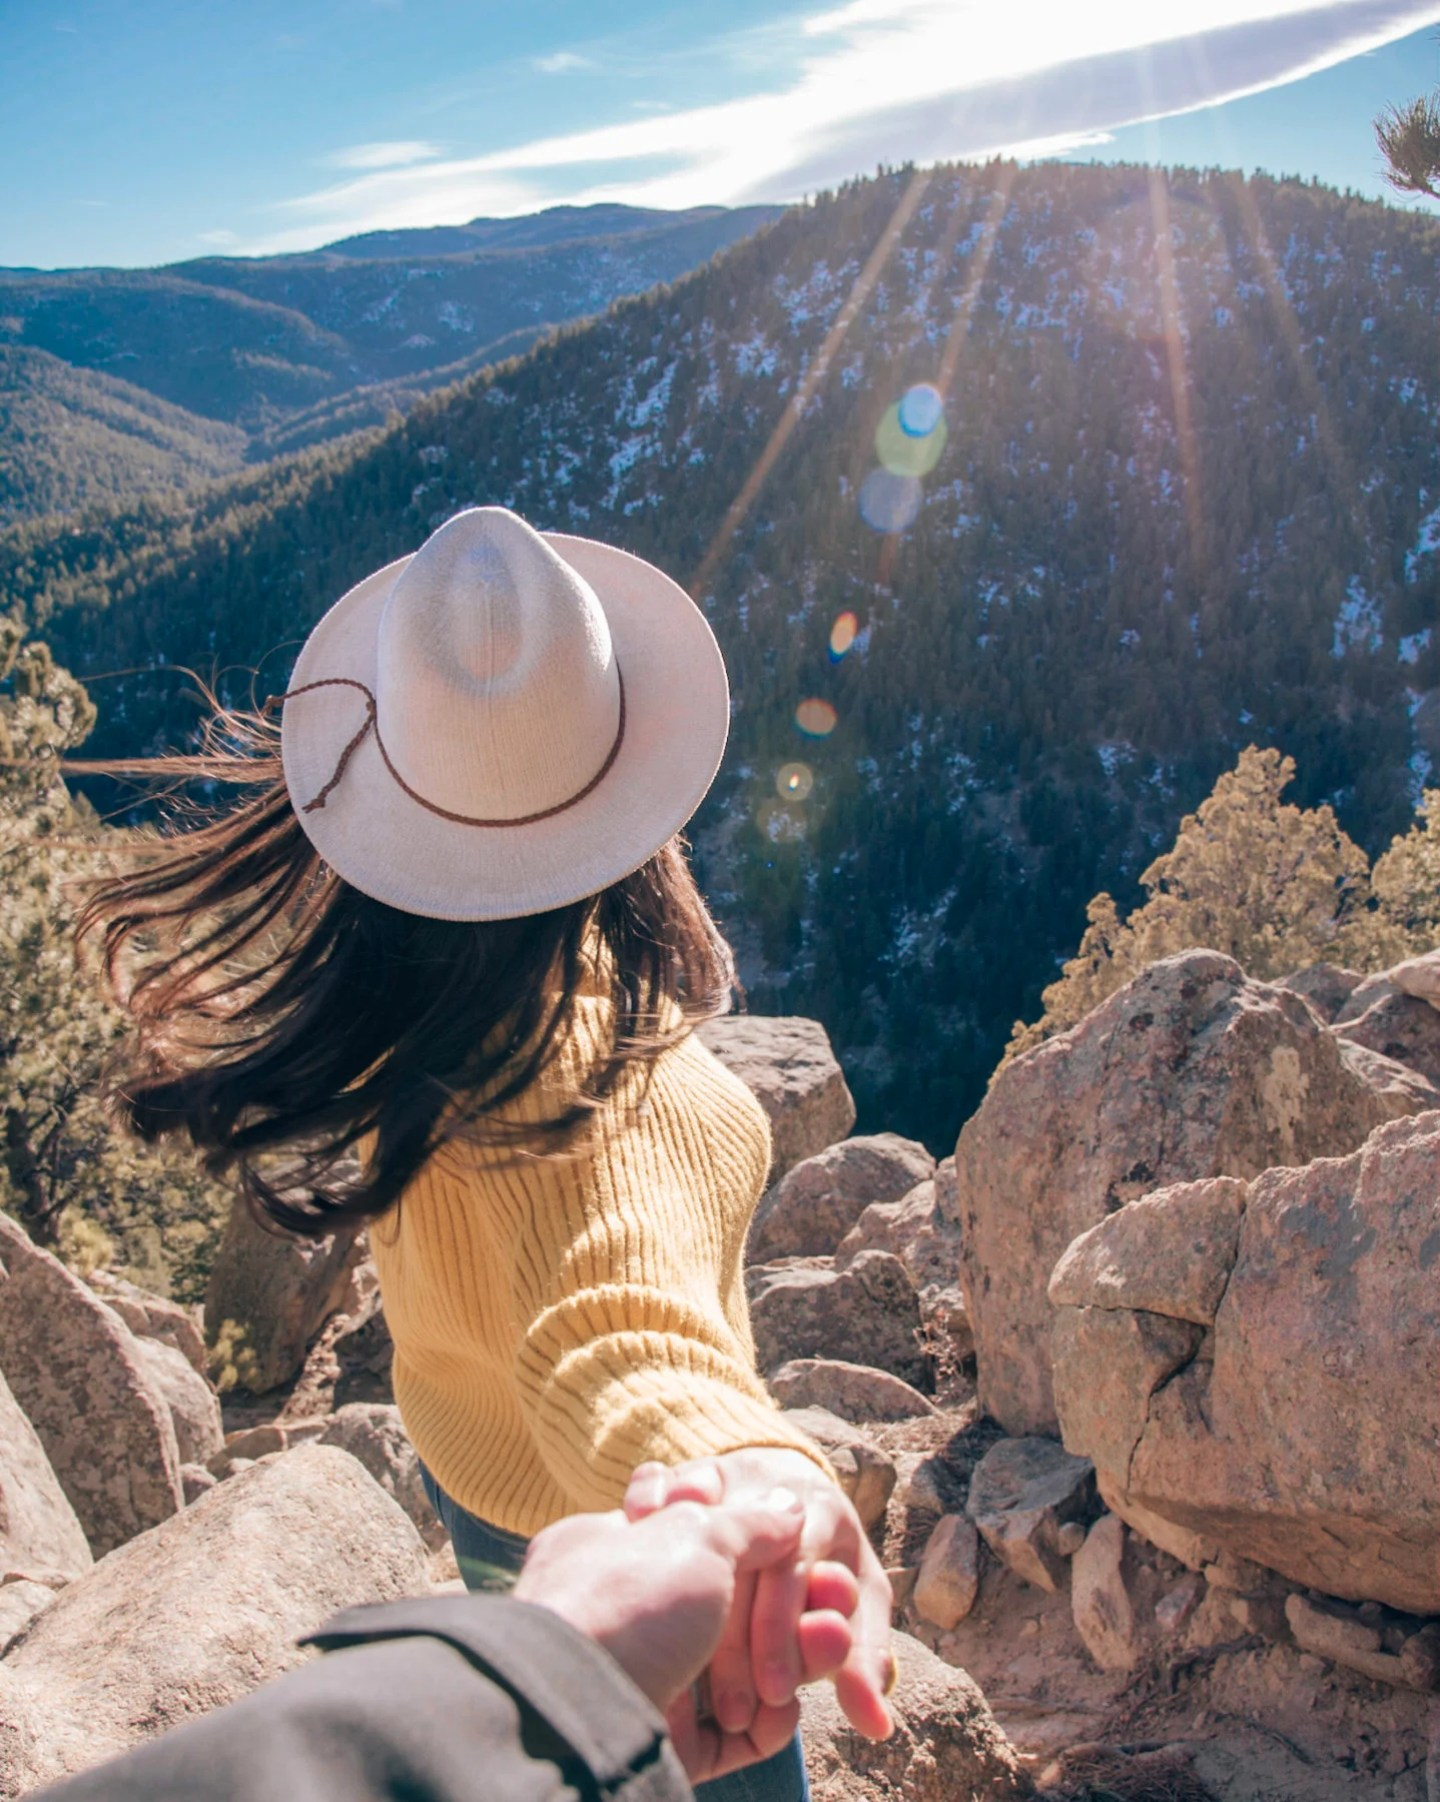 flagstaff mountain view